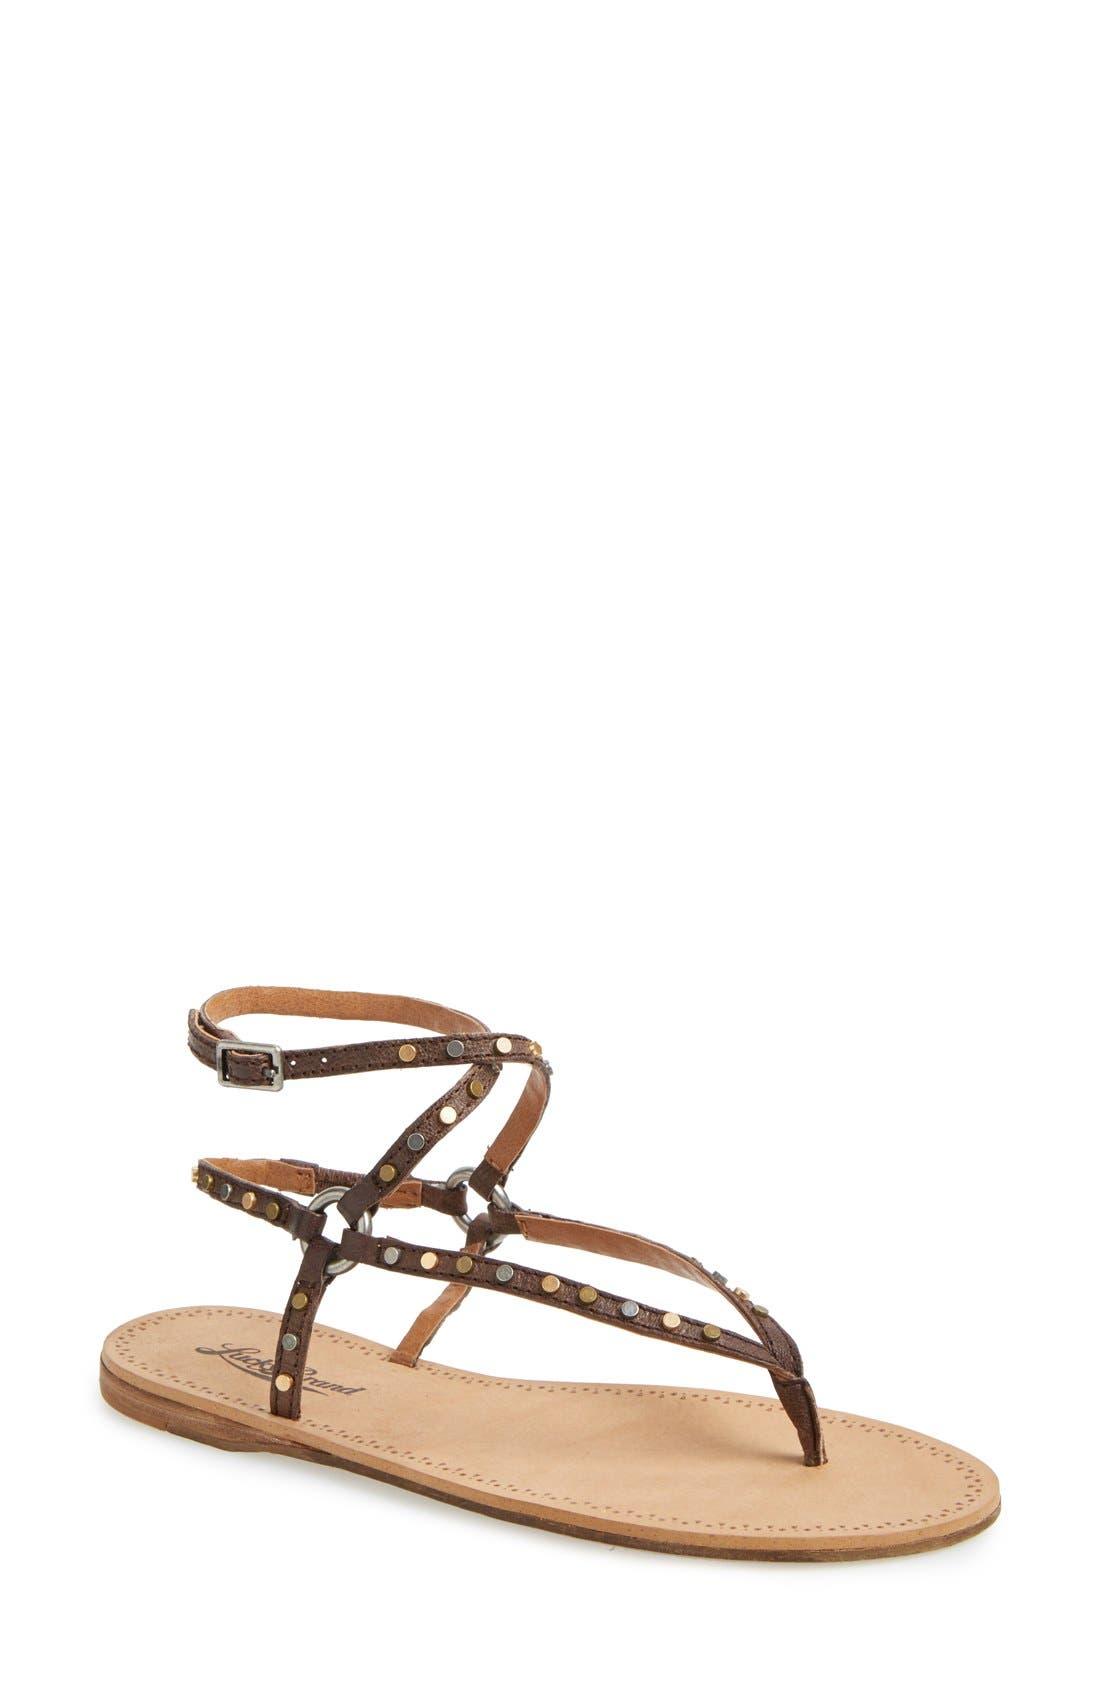 'Adivita' Sandal, Main, color, 200